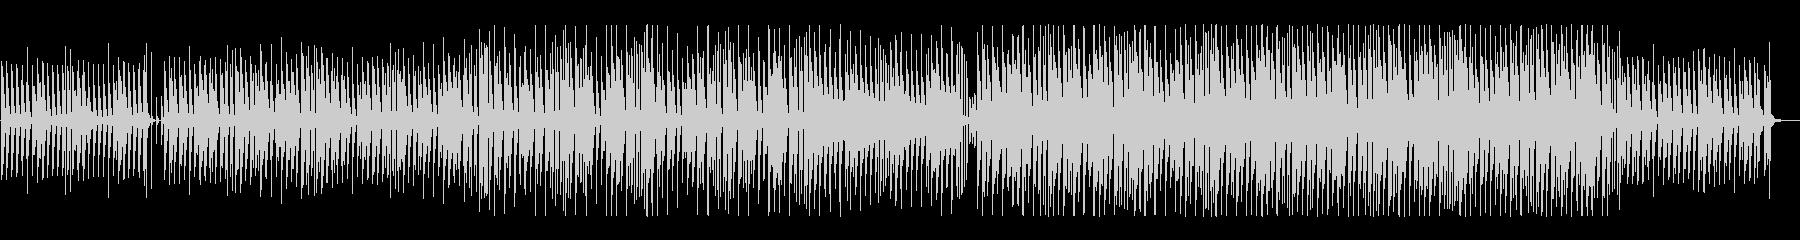 暖かくモダンなアコースティックサウンドの未再生の波形